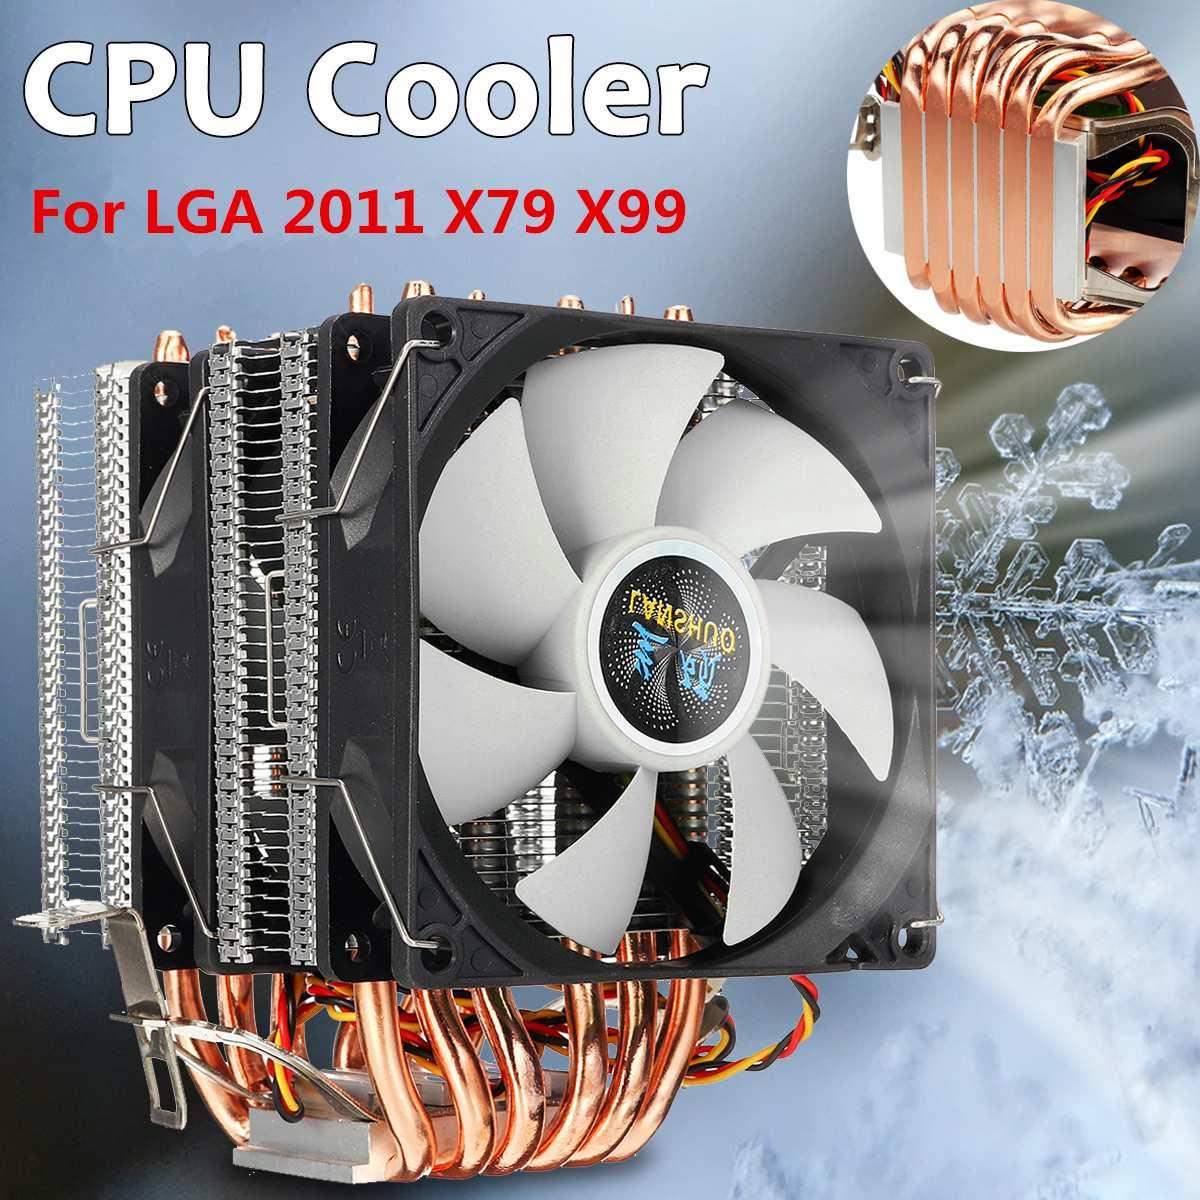 Ventilador de Refrigeração Ventilador do Computador para X79 775 para Huananzhi Cooler 6heatpipes Radiador 3pin X99 1150 – 1151 1155 1156 1366 Lga 2011 Rgb Cpu